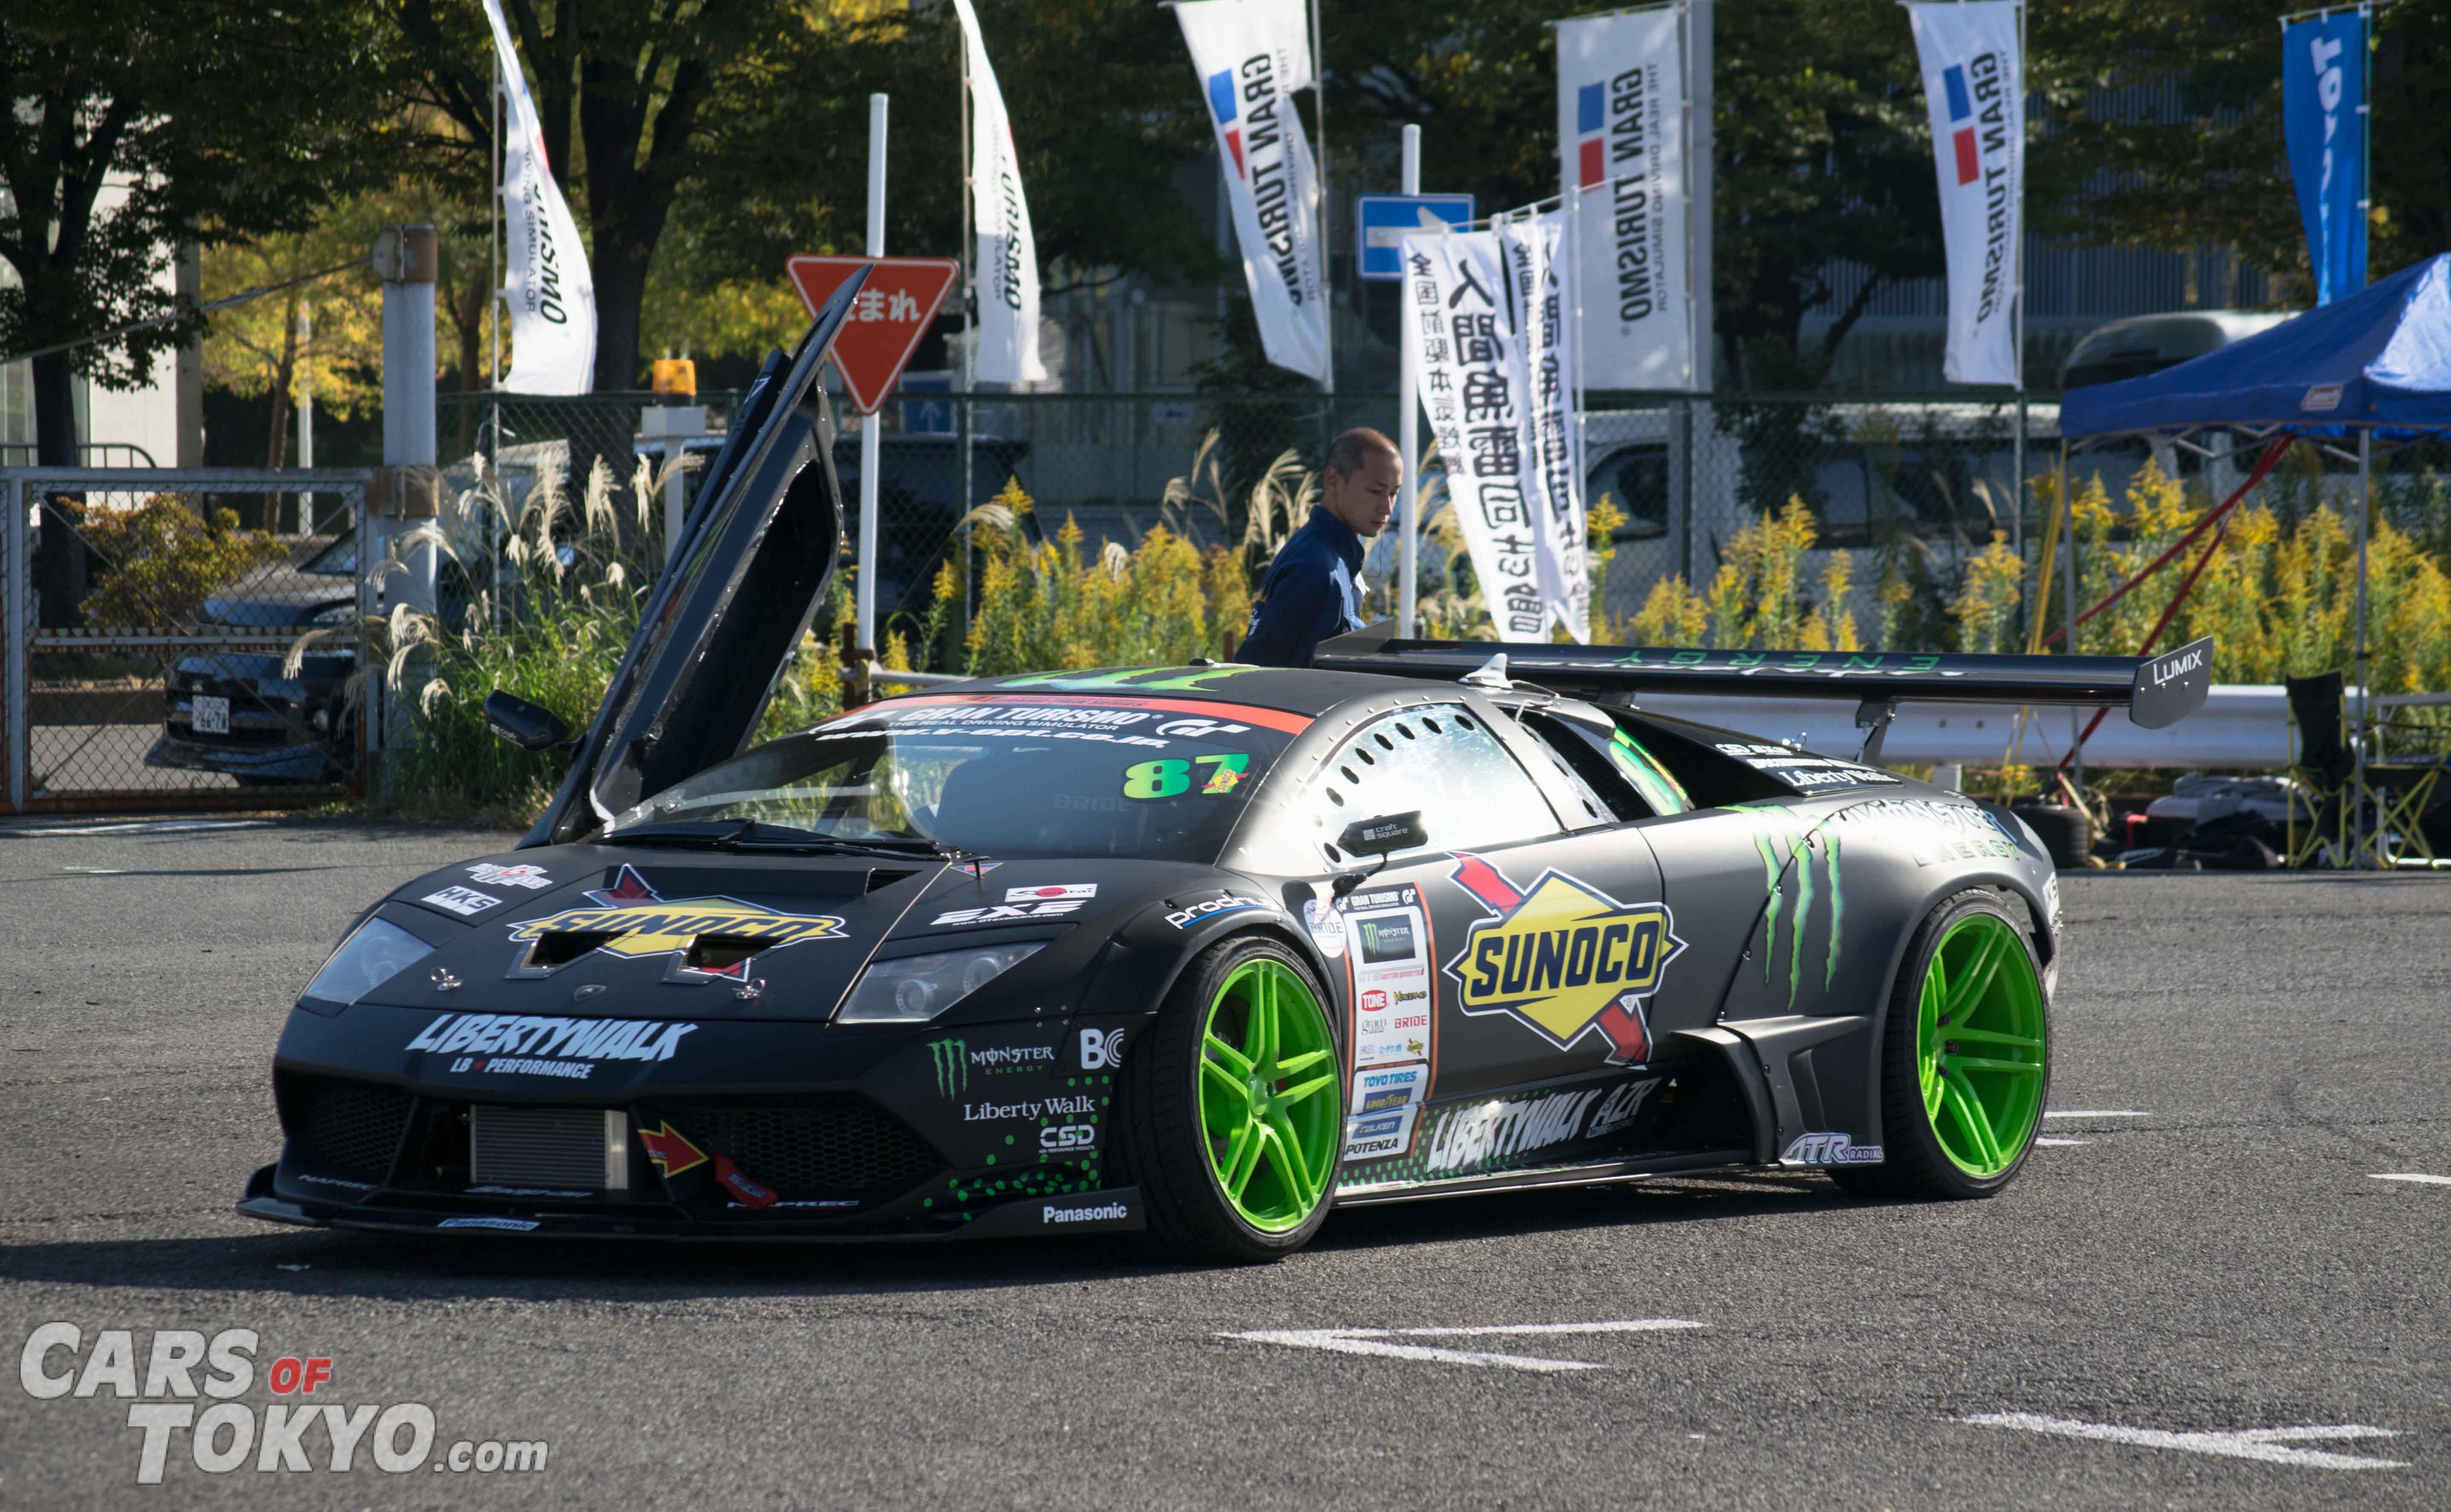 Cars of Tokyo Liberty Walk Lamborghini Murcielago Drift Car